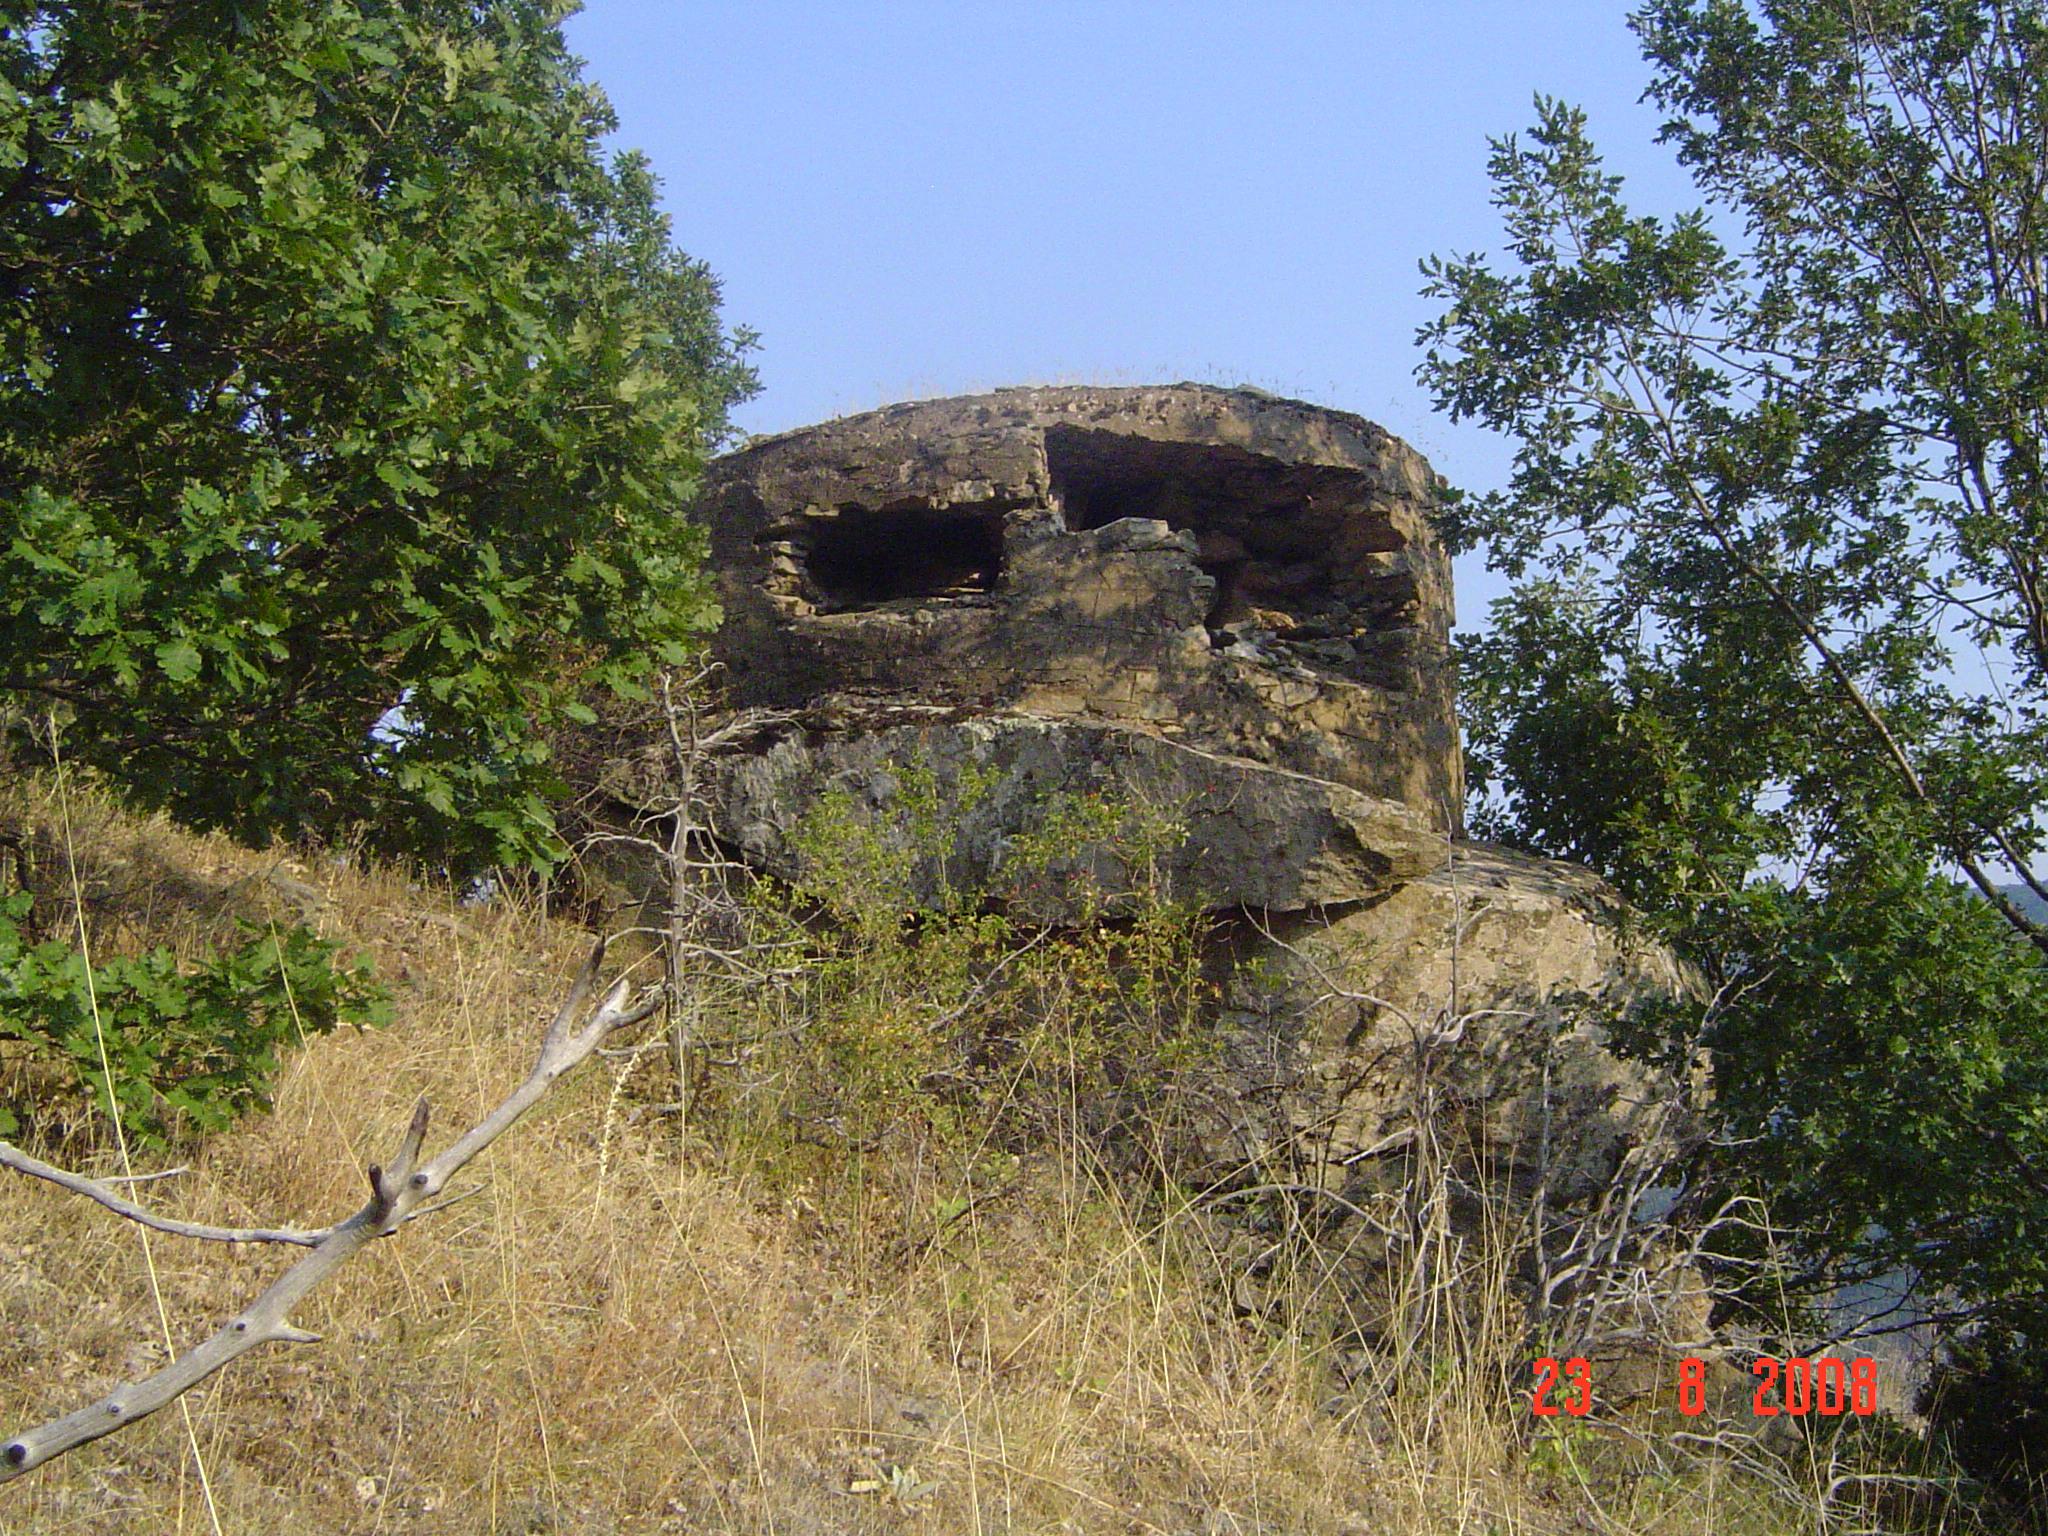 υψωμα 1033 και μαχη της φλωρινας ( το πολυβολειο ειναι του ΕΣ στις παρυφες του υψωματος χτυπημενο μαλλον από panzerfaust του ΔΣΕ)